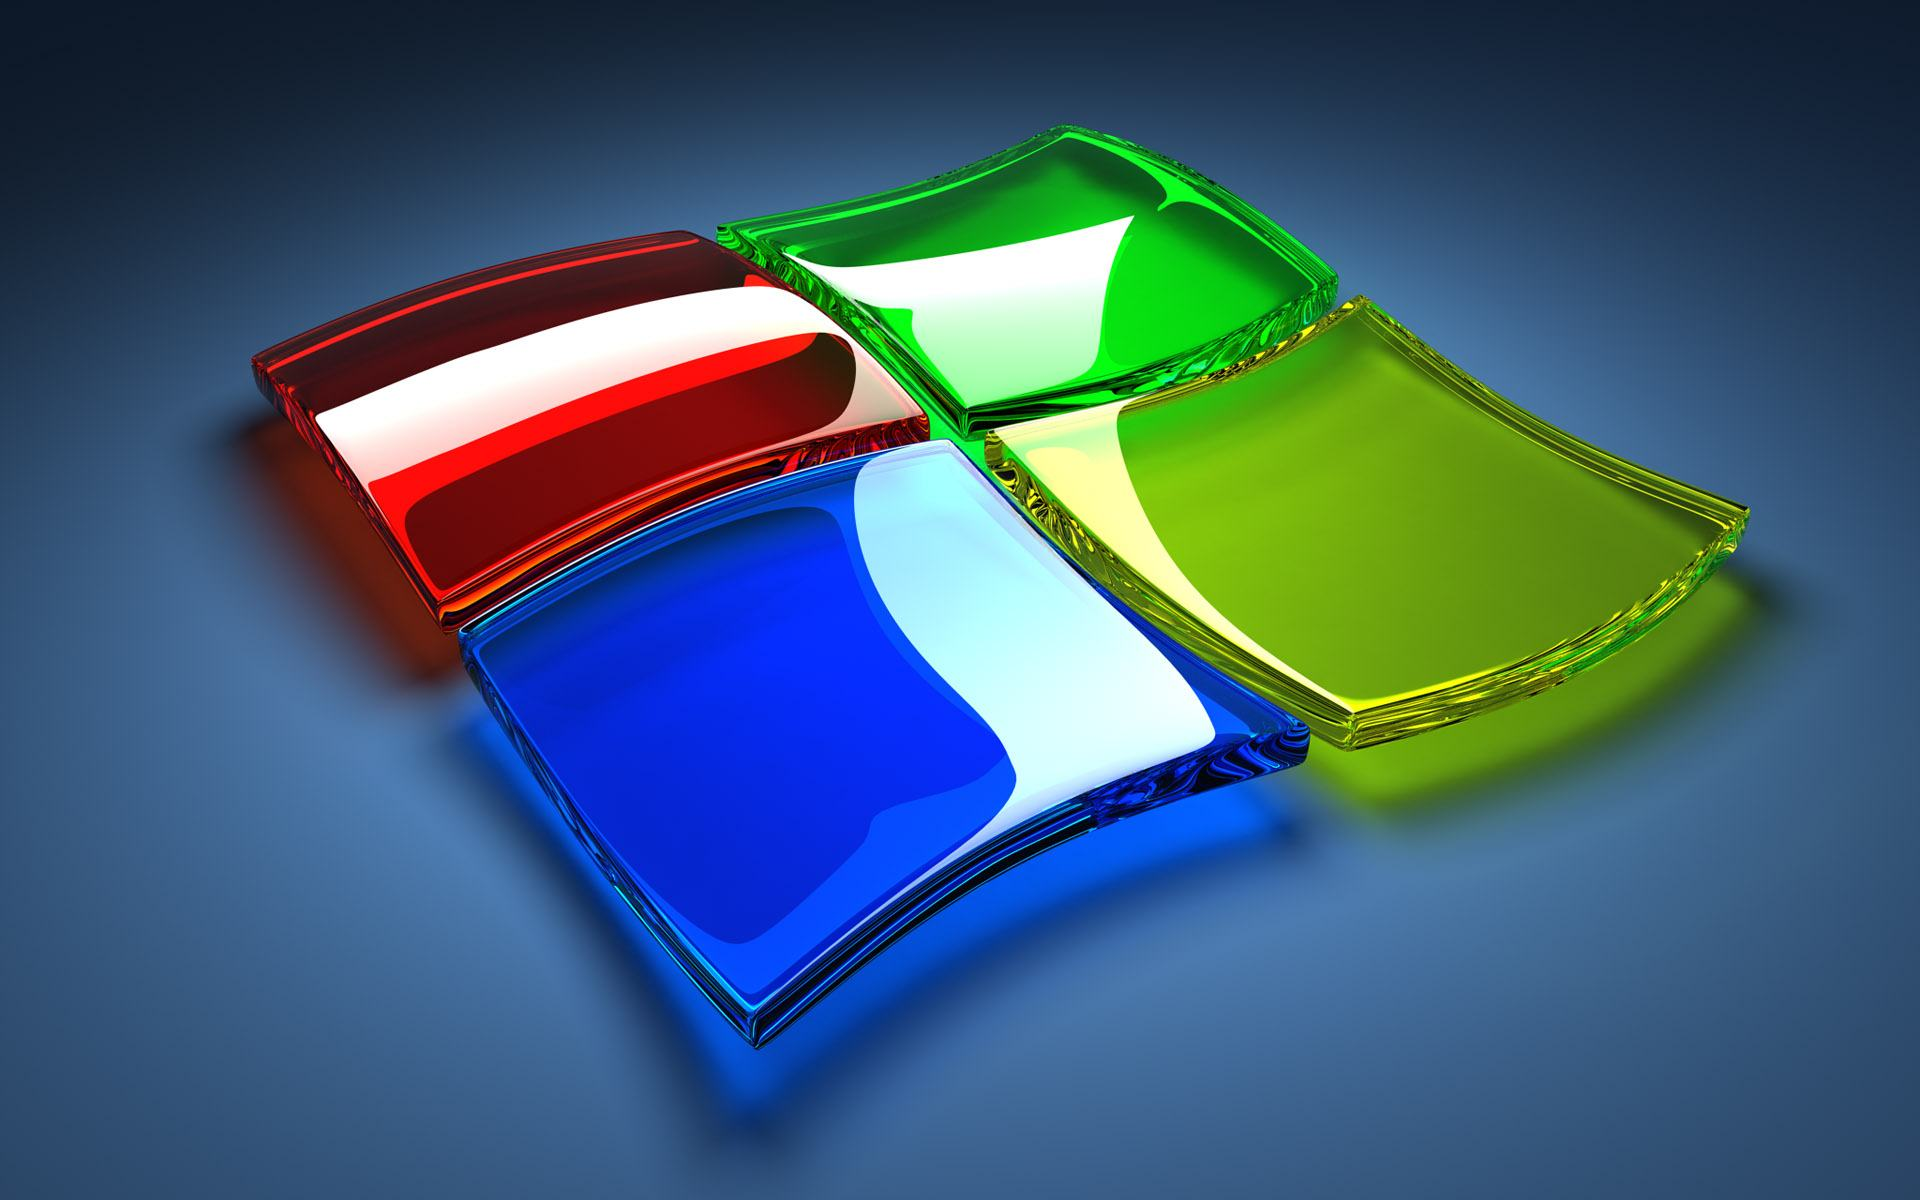 Hình nền 3D đẹp cho máy tính Windows 7